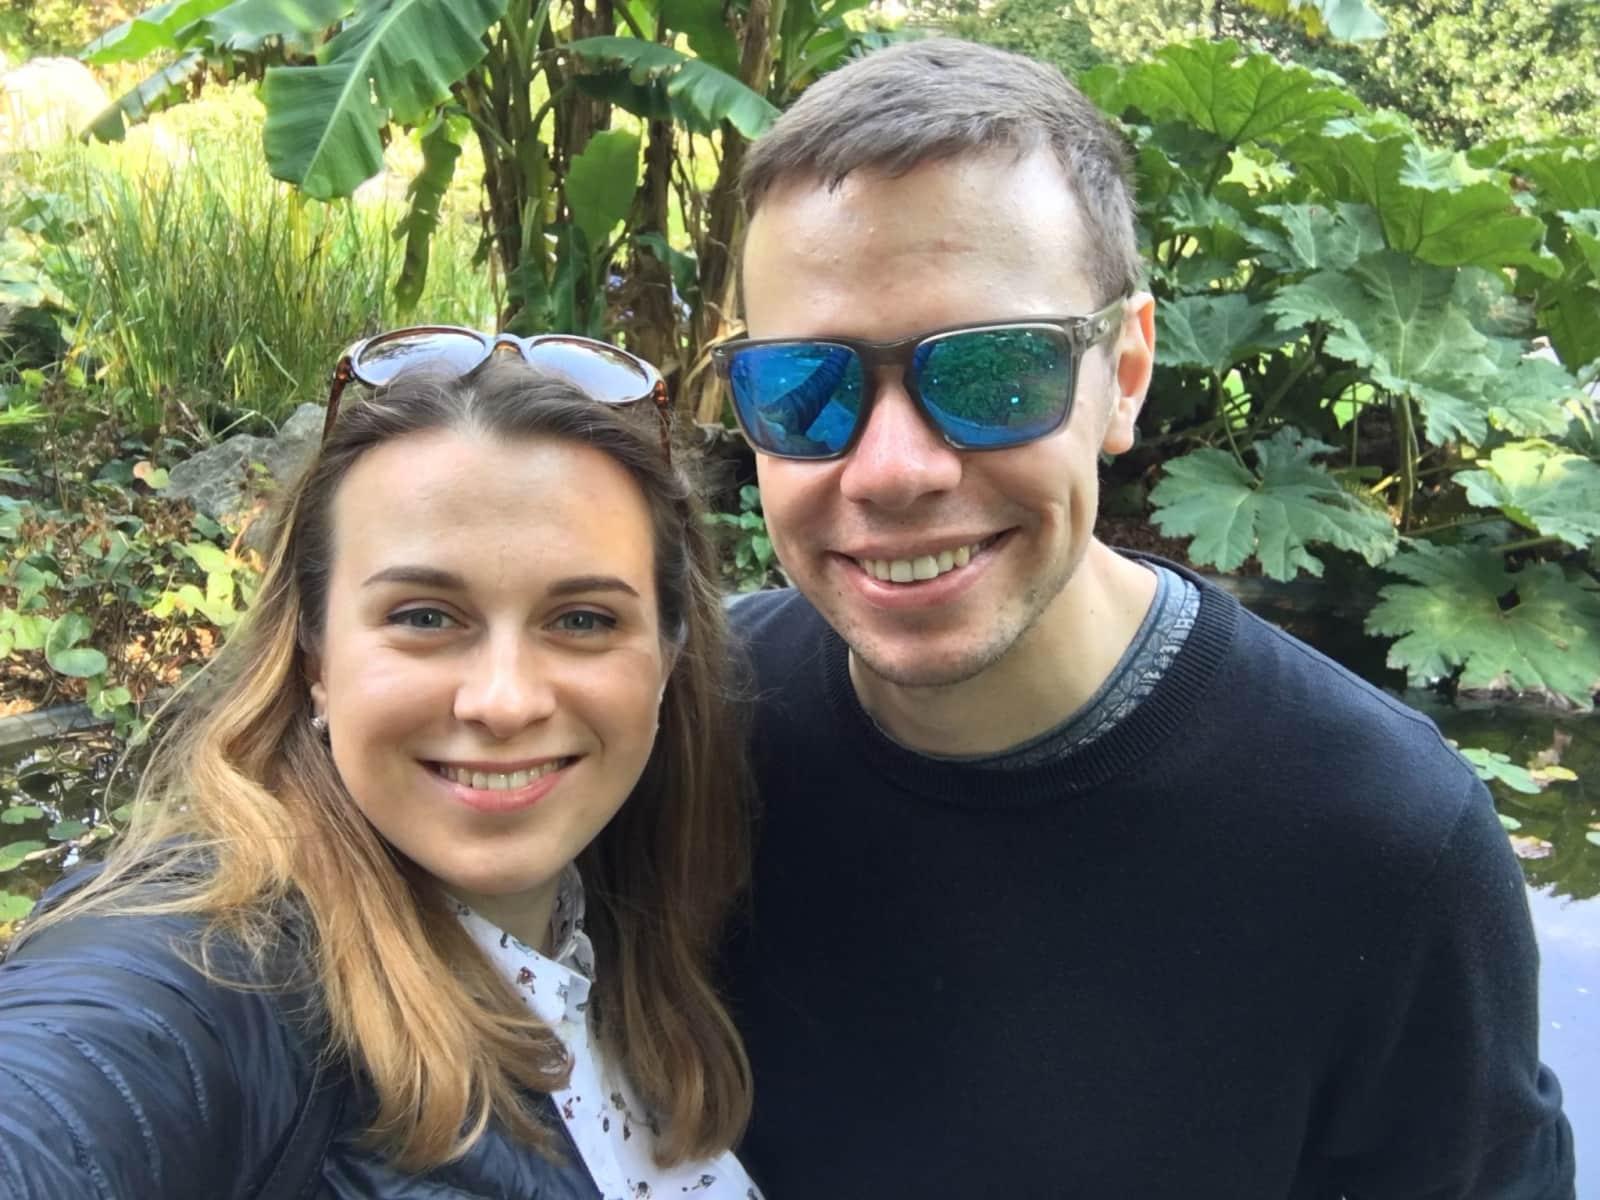 Ivan & Iryna from Antwerpen, Belgium